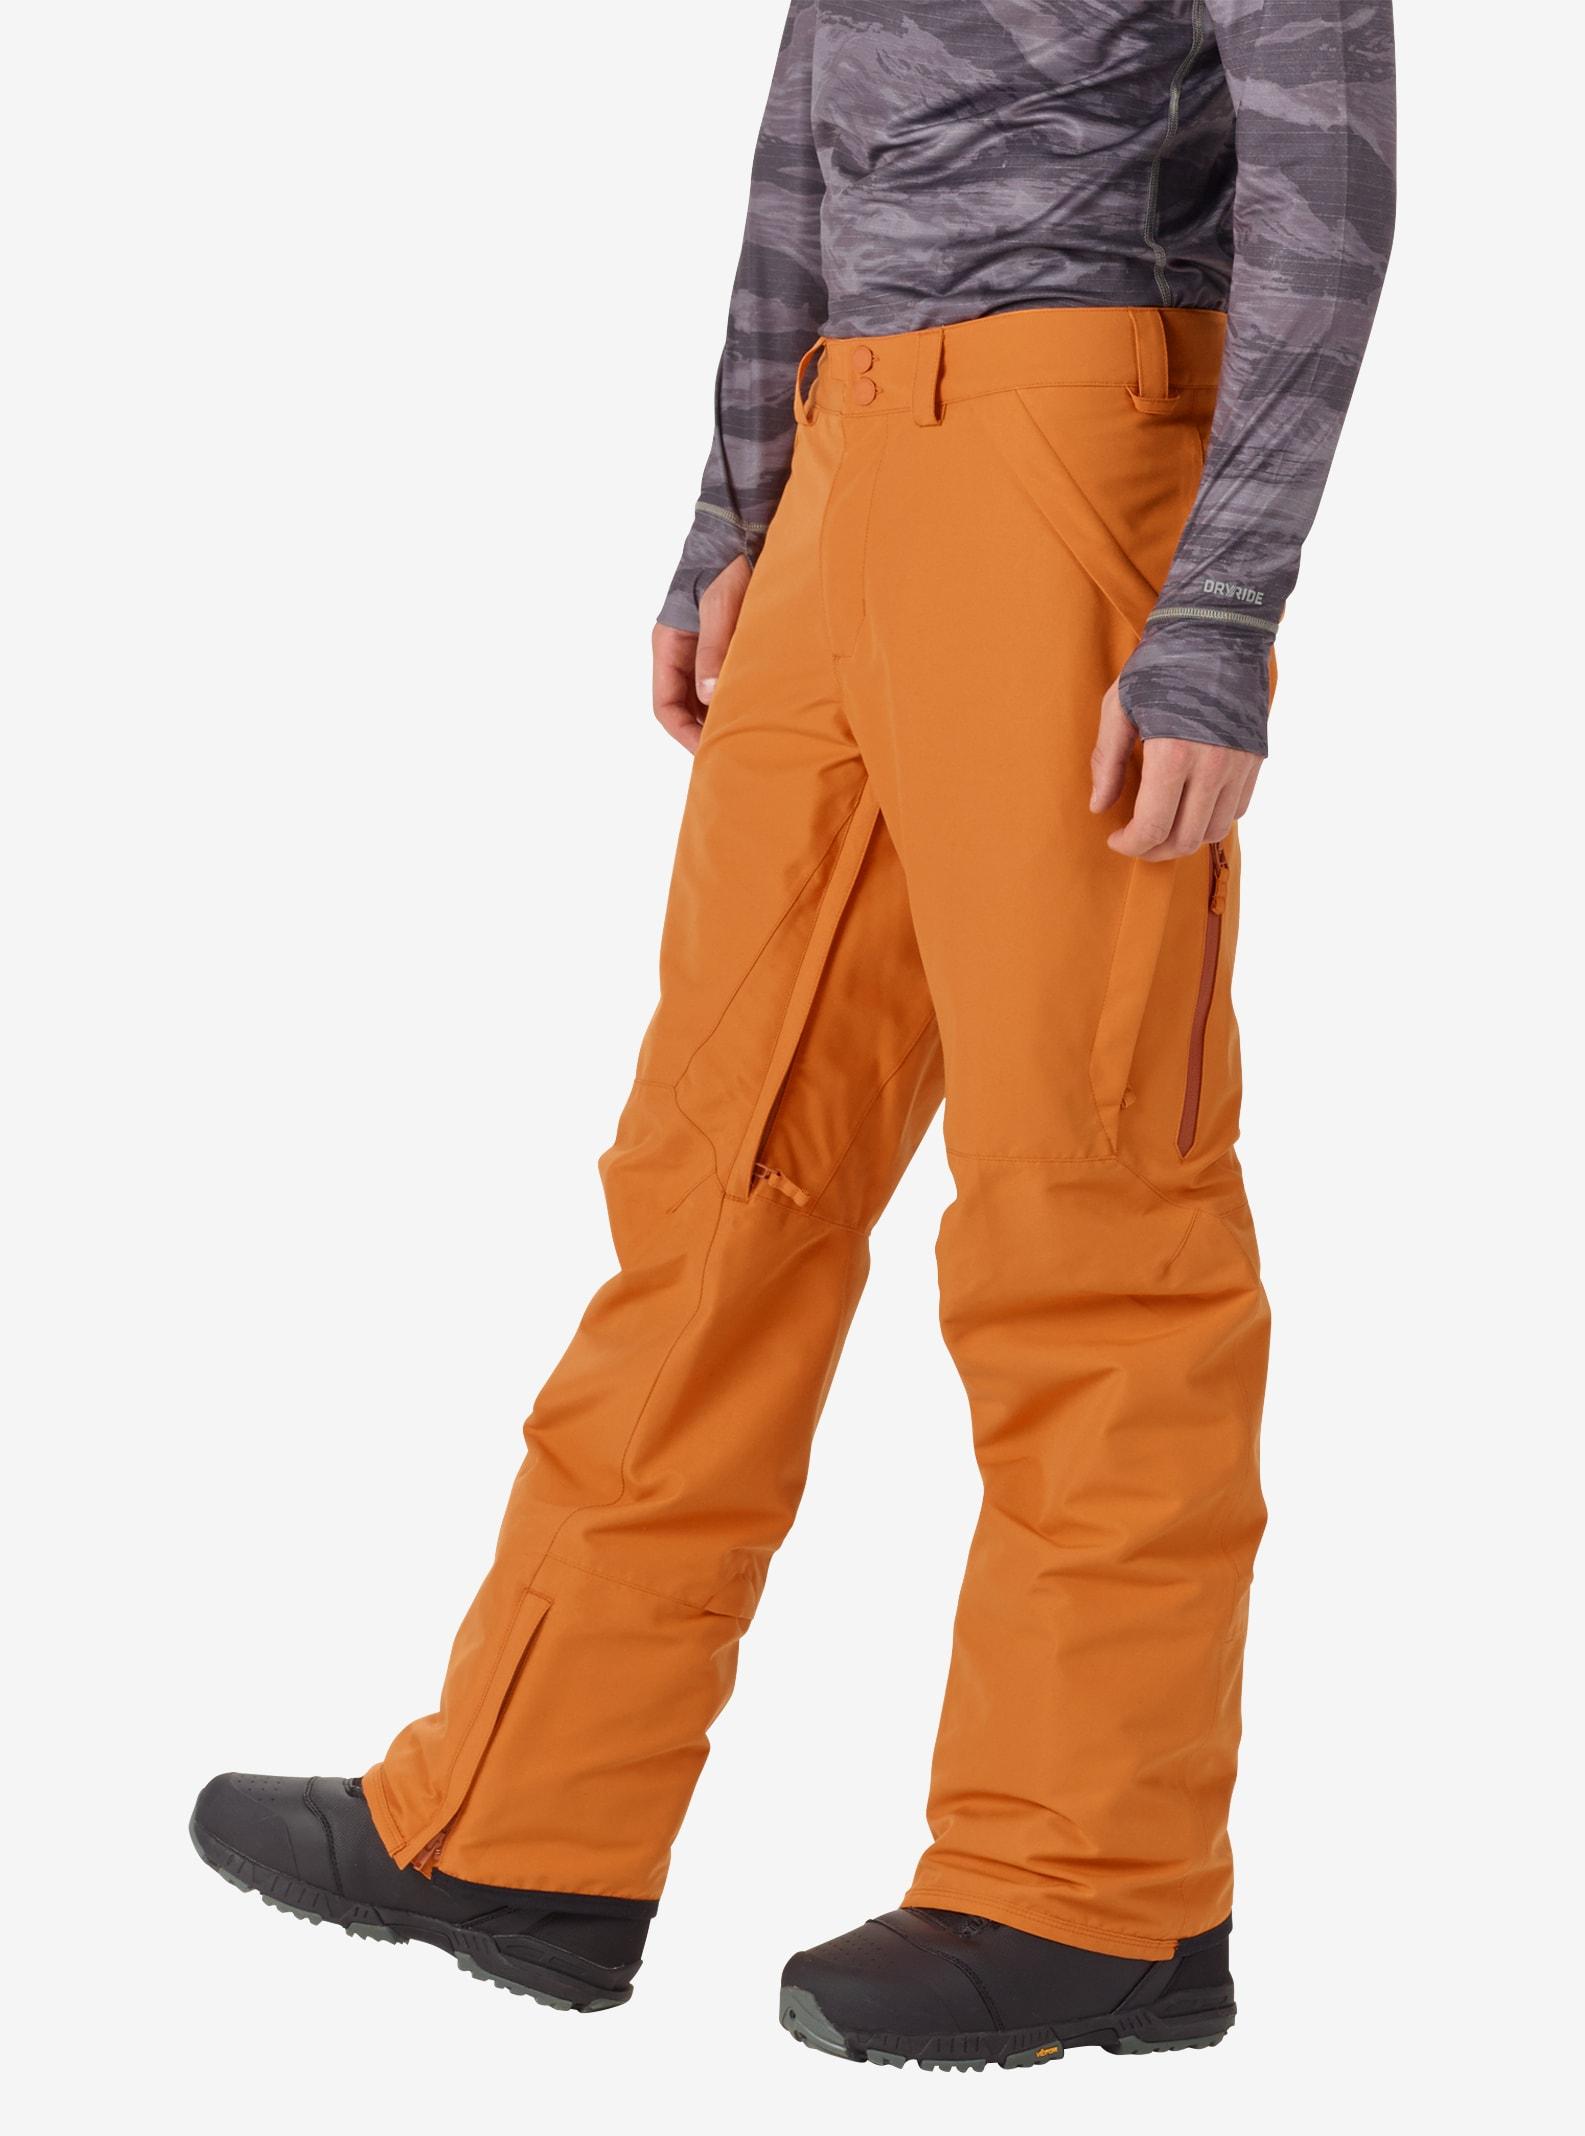 Burton - Pantalon Vent homme affichage en Golden Oak